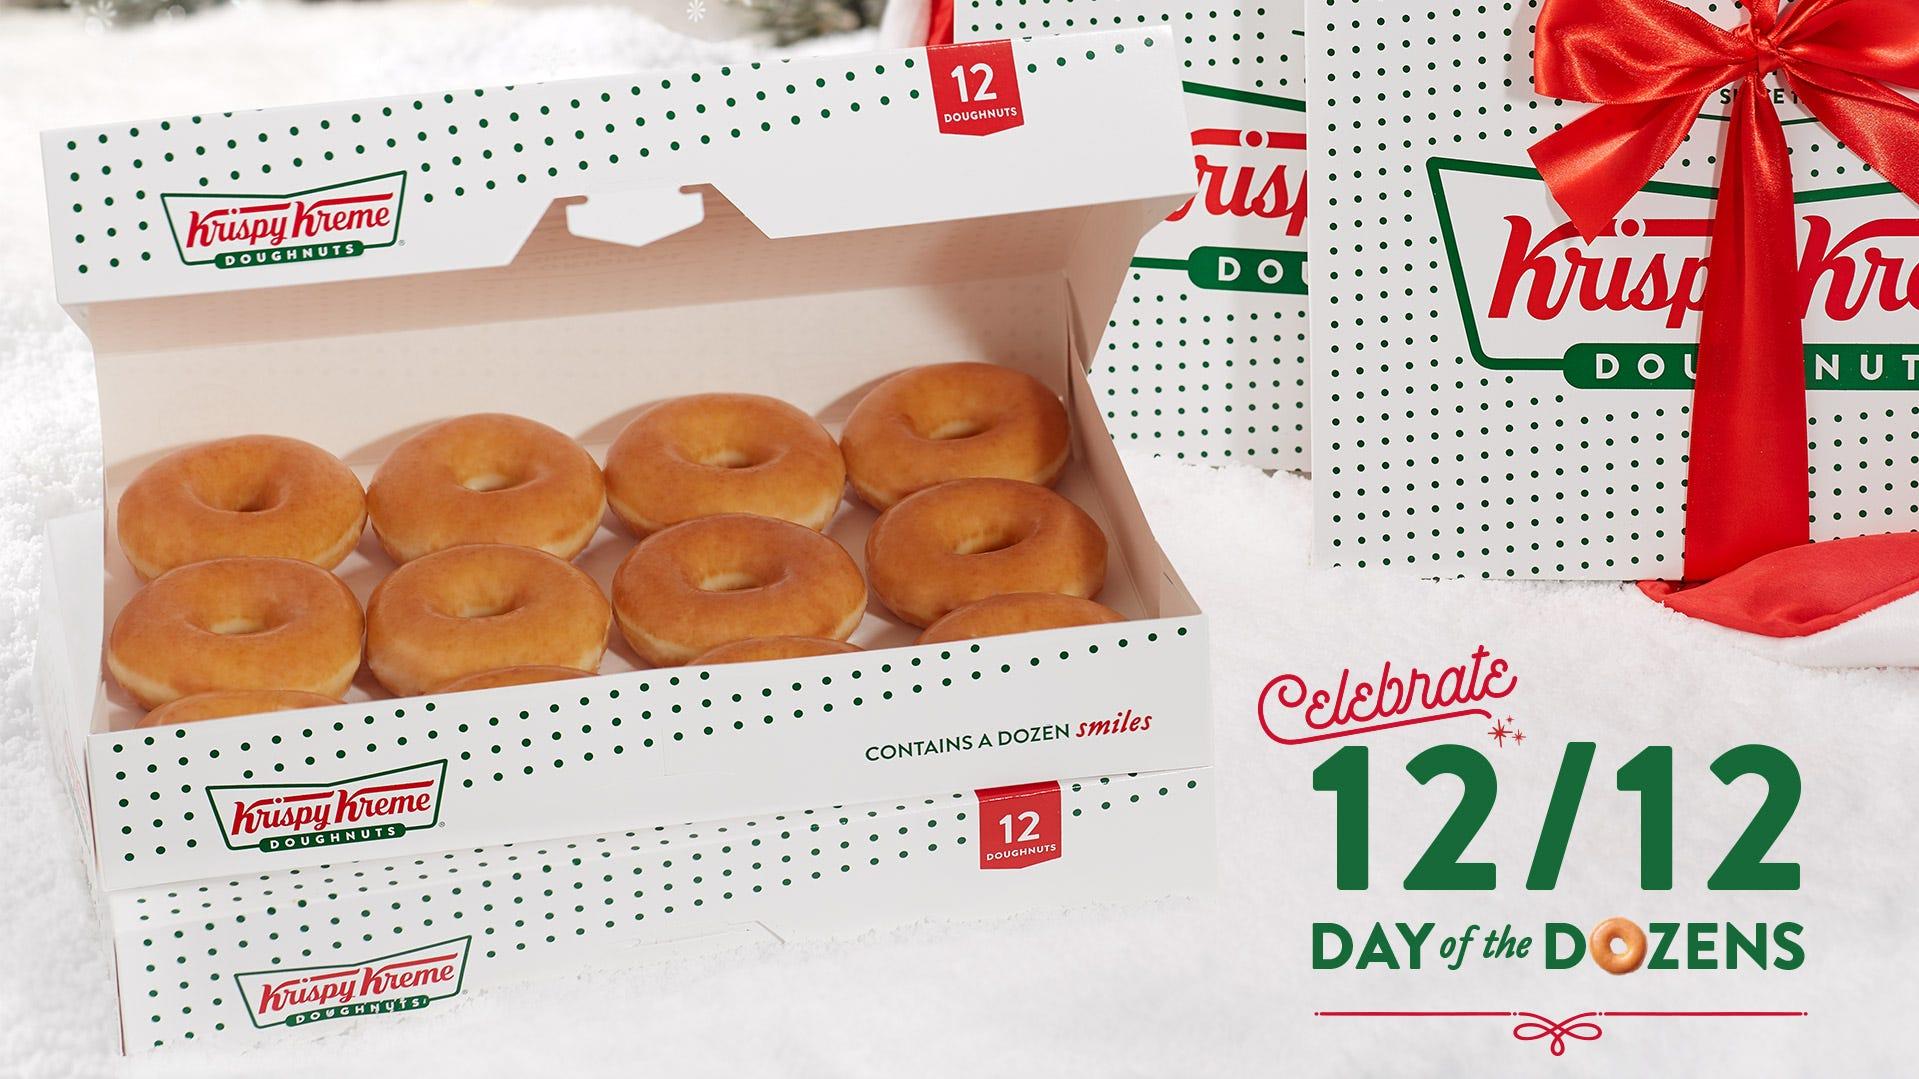 799a491a d733 40e5 9f95 4df0f3b8f94d Krispy Kreme Day of Dozens jpg?crop=1919,1079,x0,y192&width=1919&height=1079&format=pjpg&auto=webp.